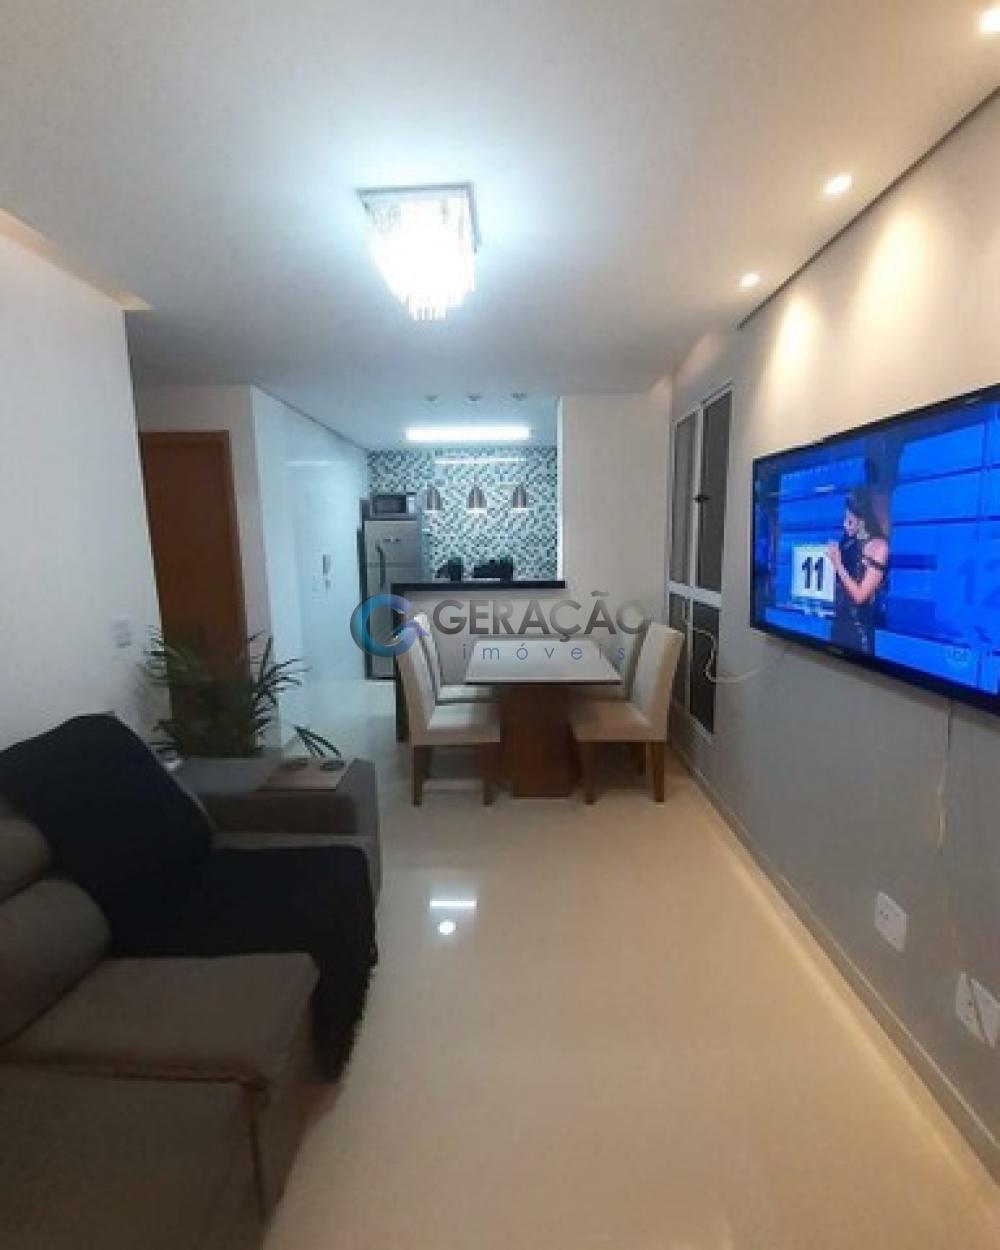 Comprar Apartamento / Padrão em São José dos Campos R$ 170.000,00 - Foto 4